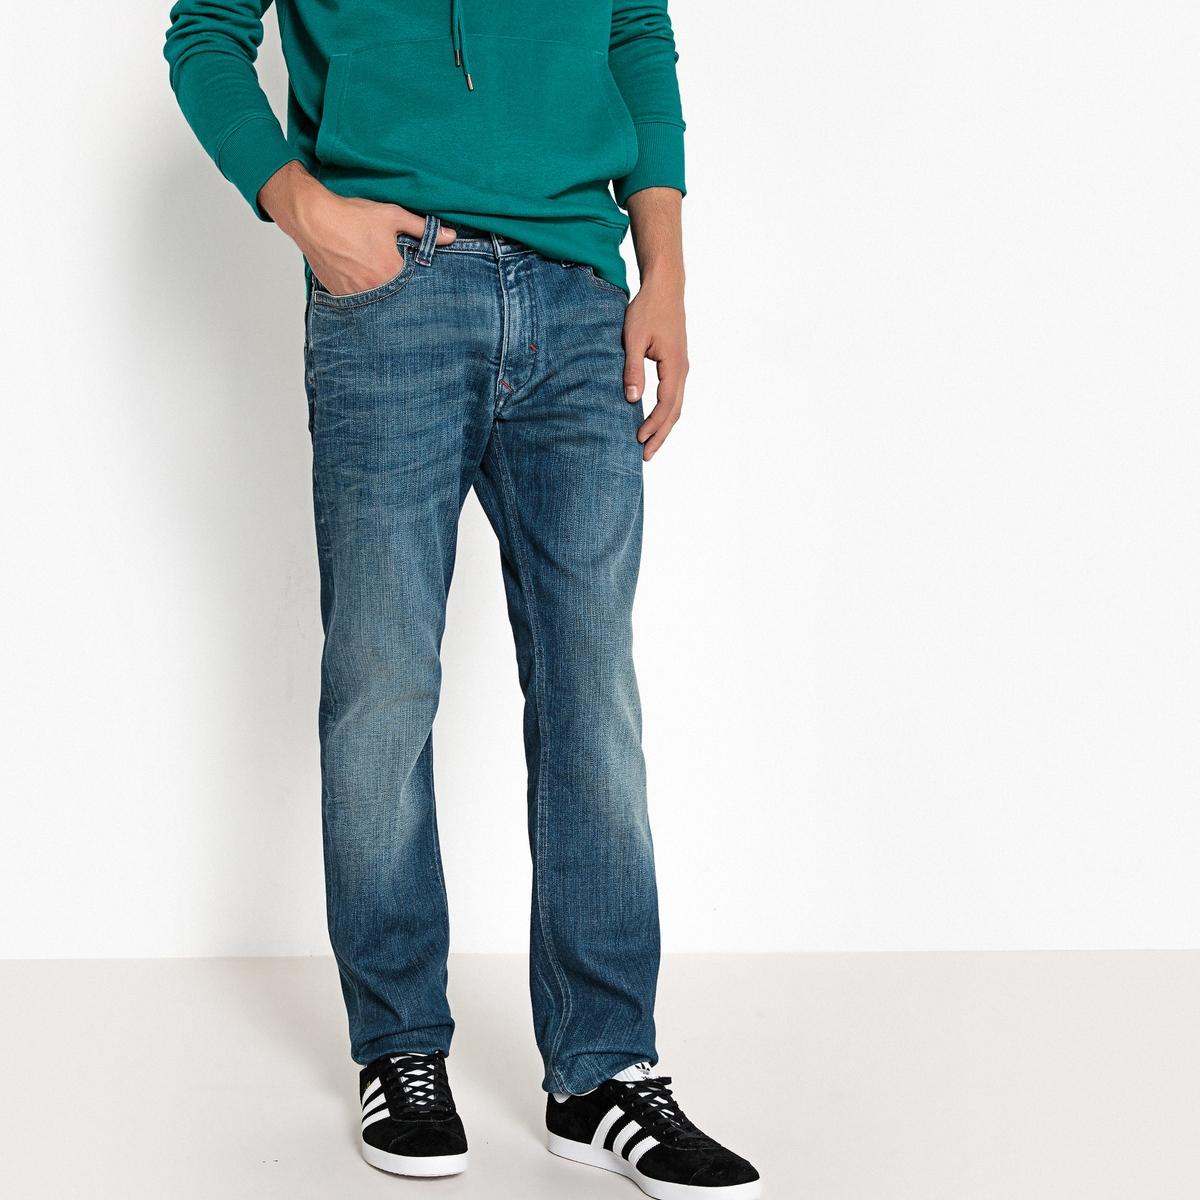 Джинсы прямые джинсы прямые gen